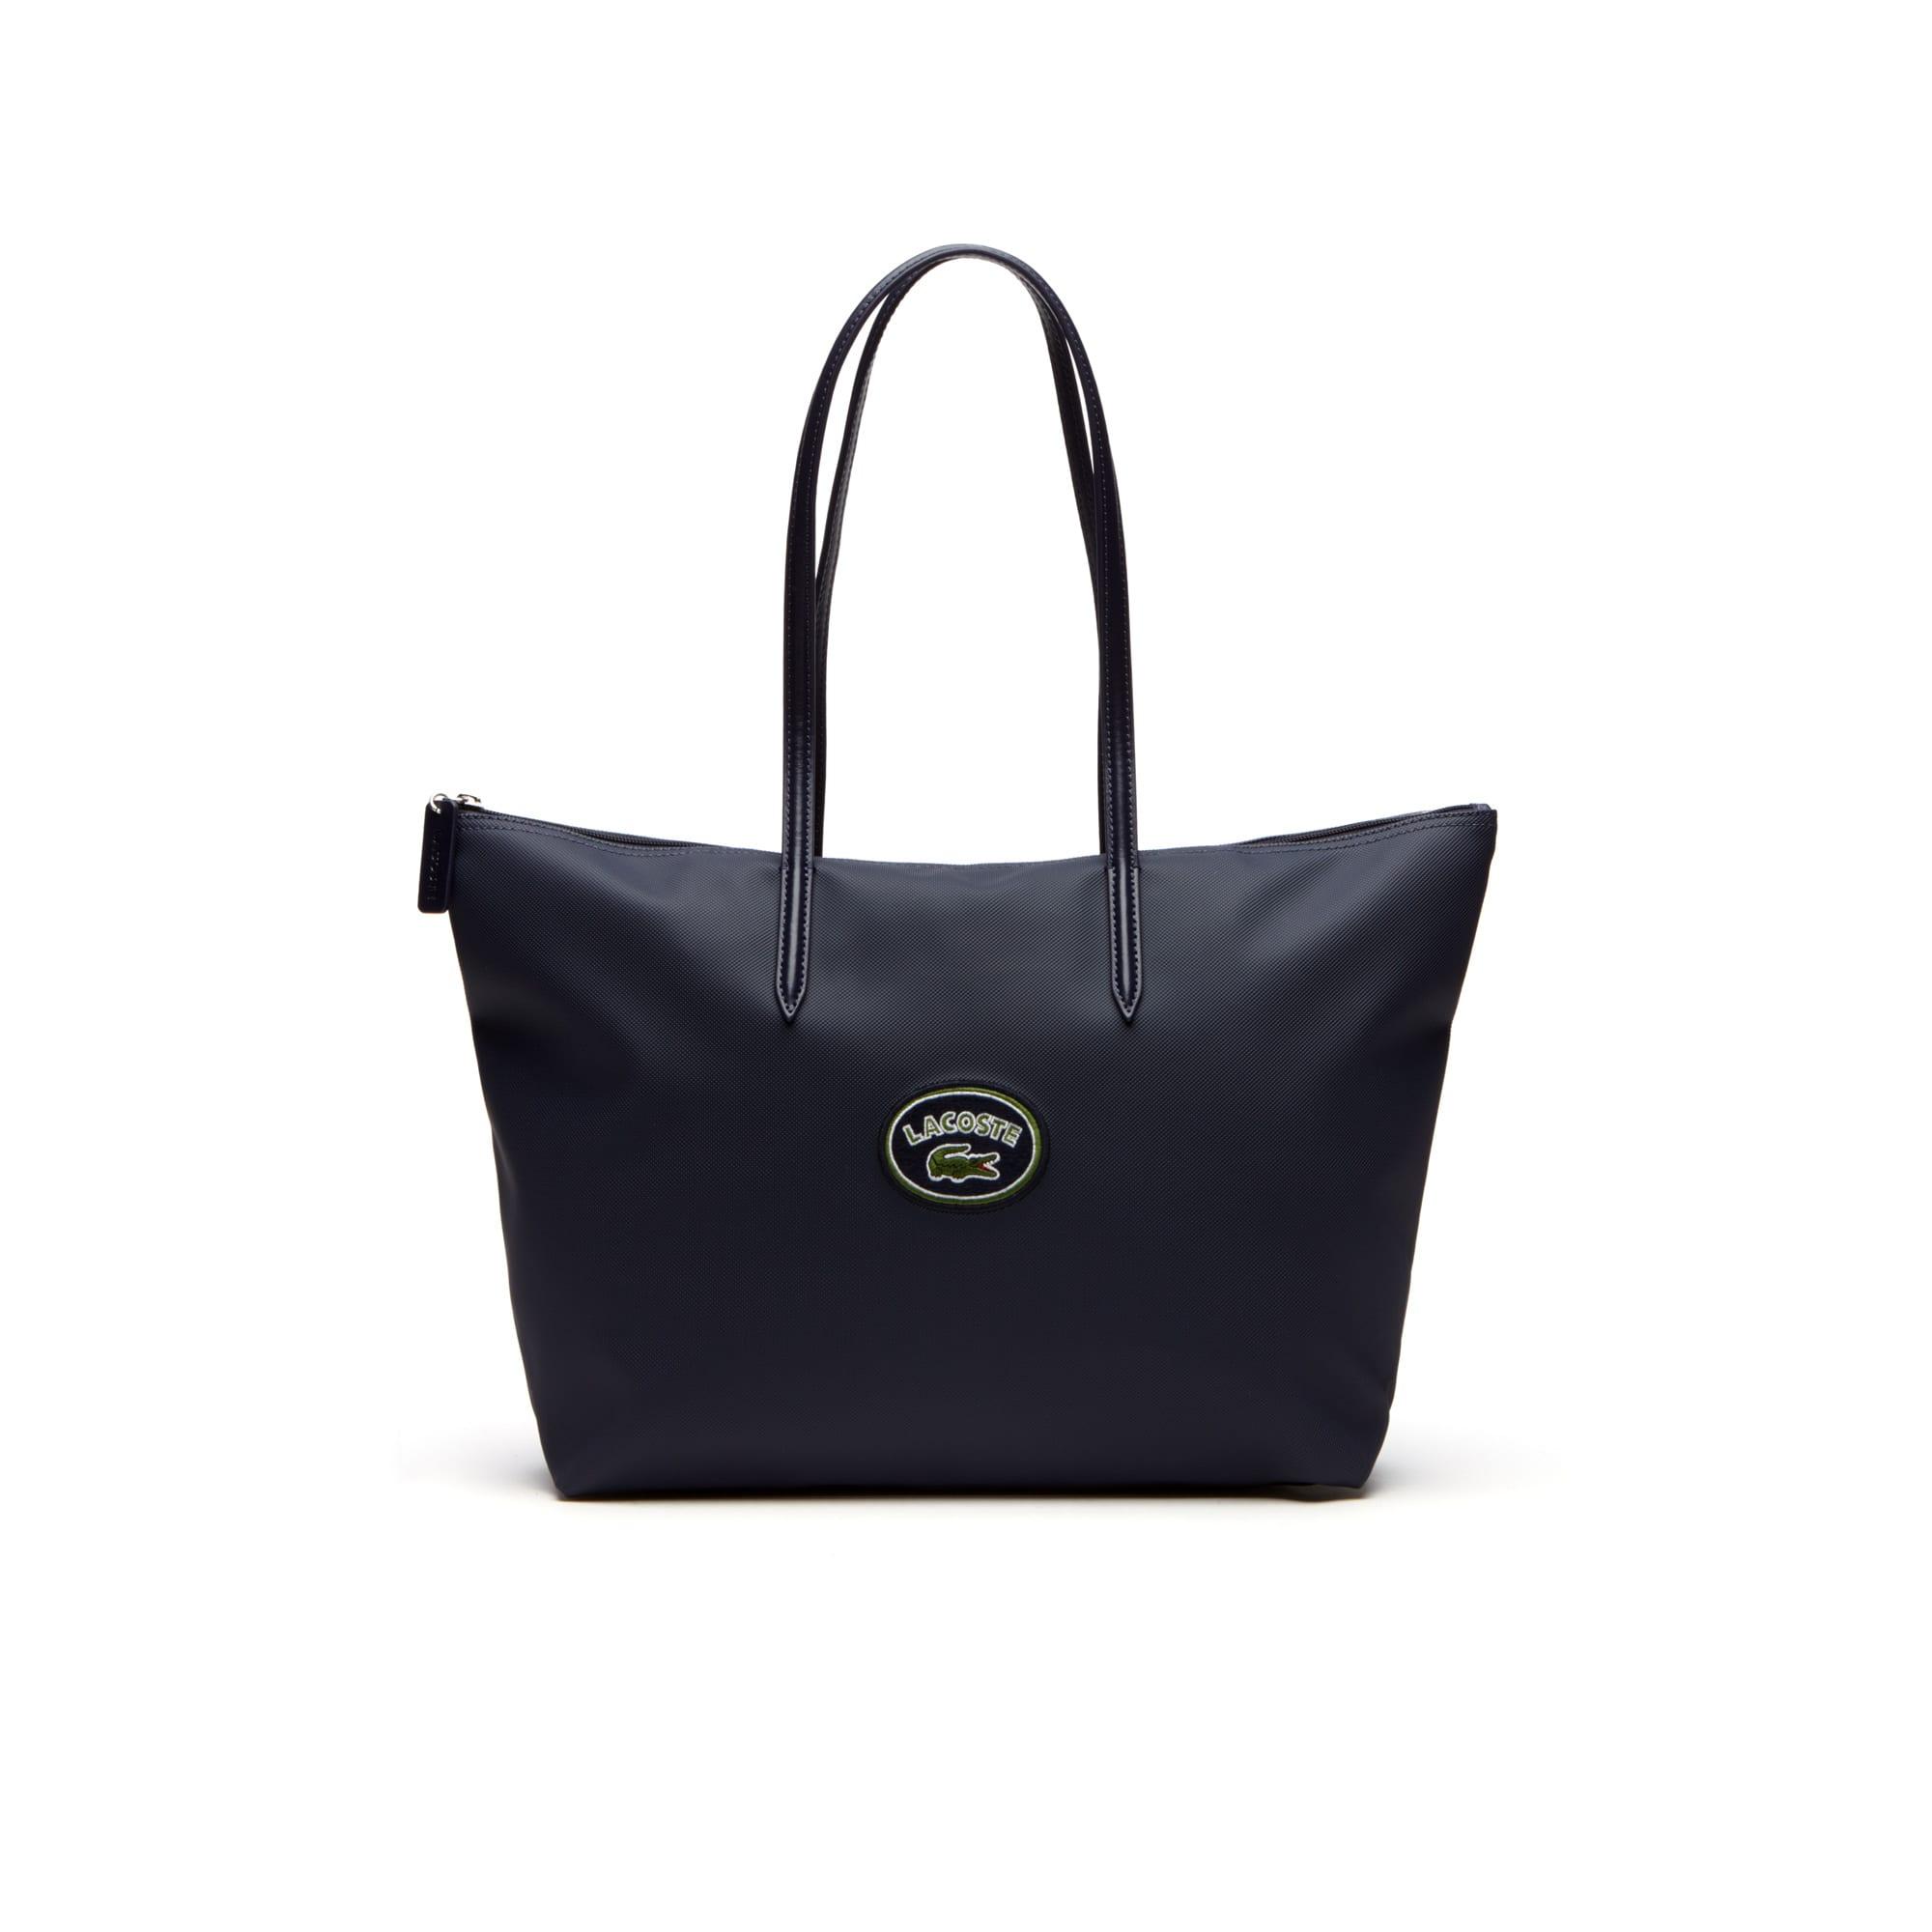 Shopping bag con cerniera ampia e simbolo Lacoste L.12.12 Concept da donna